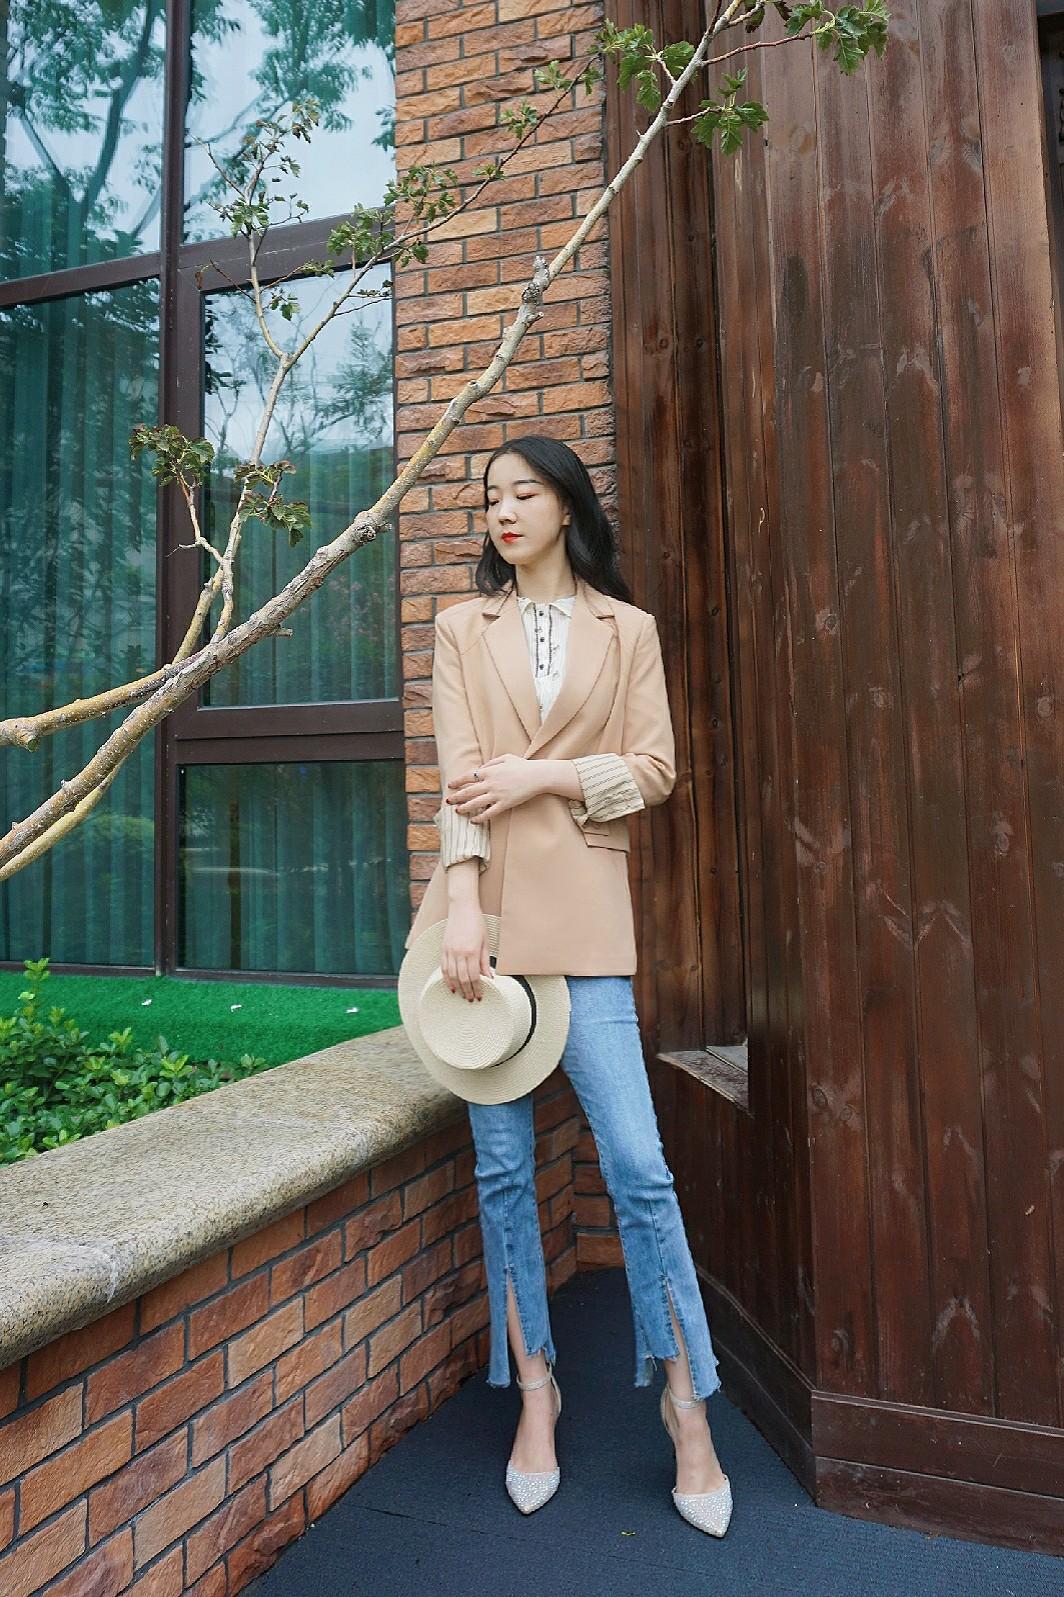 秋装上线~  一套通勤风格的套装,上衣是一款米色小衬衫,外套是一款驼色小西服,袖子部位的设计是亮点~下身是一款水蓝色喇叭裤,脚上是一双银色高跟鞋,准备迎接凉快的天气啦~#2019早秋流行第一弹#